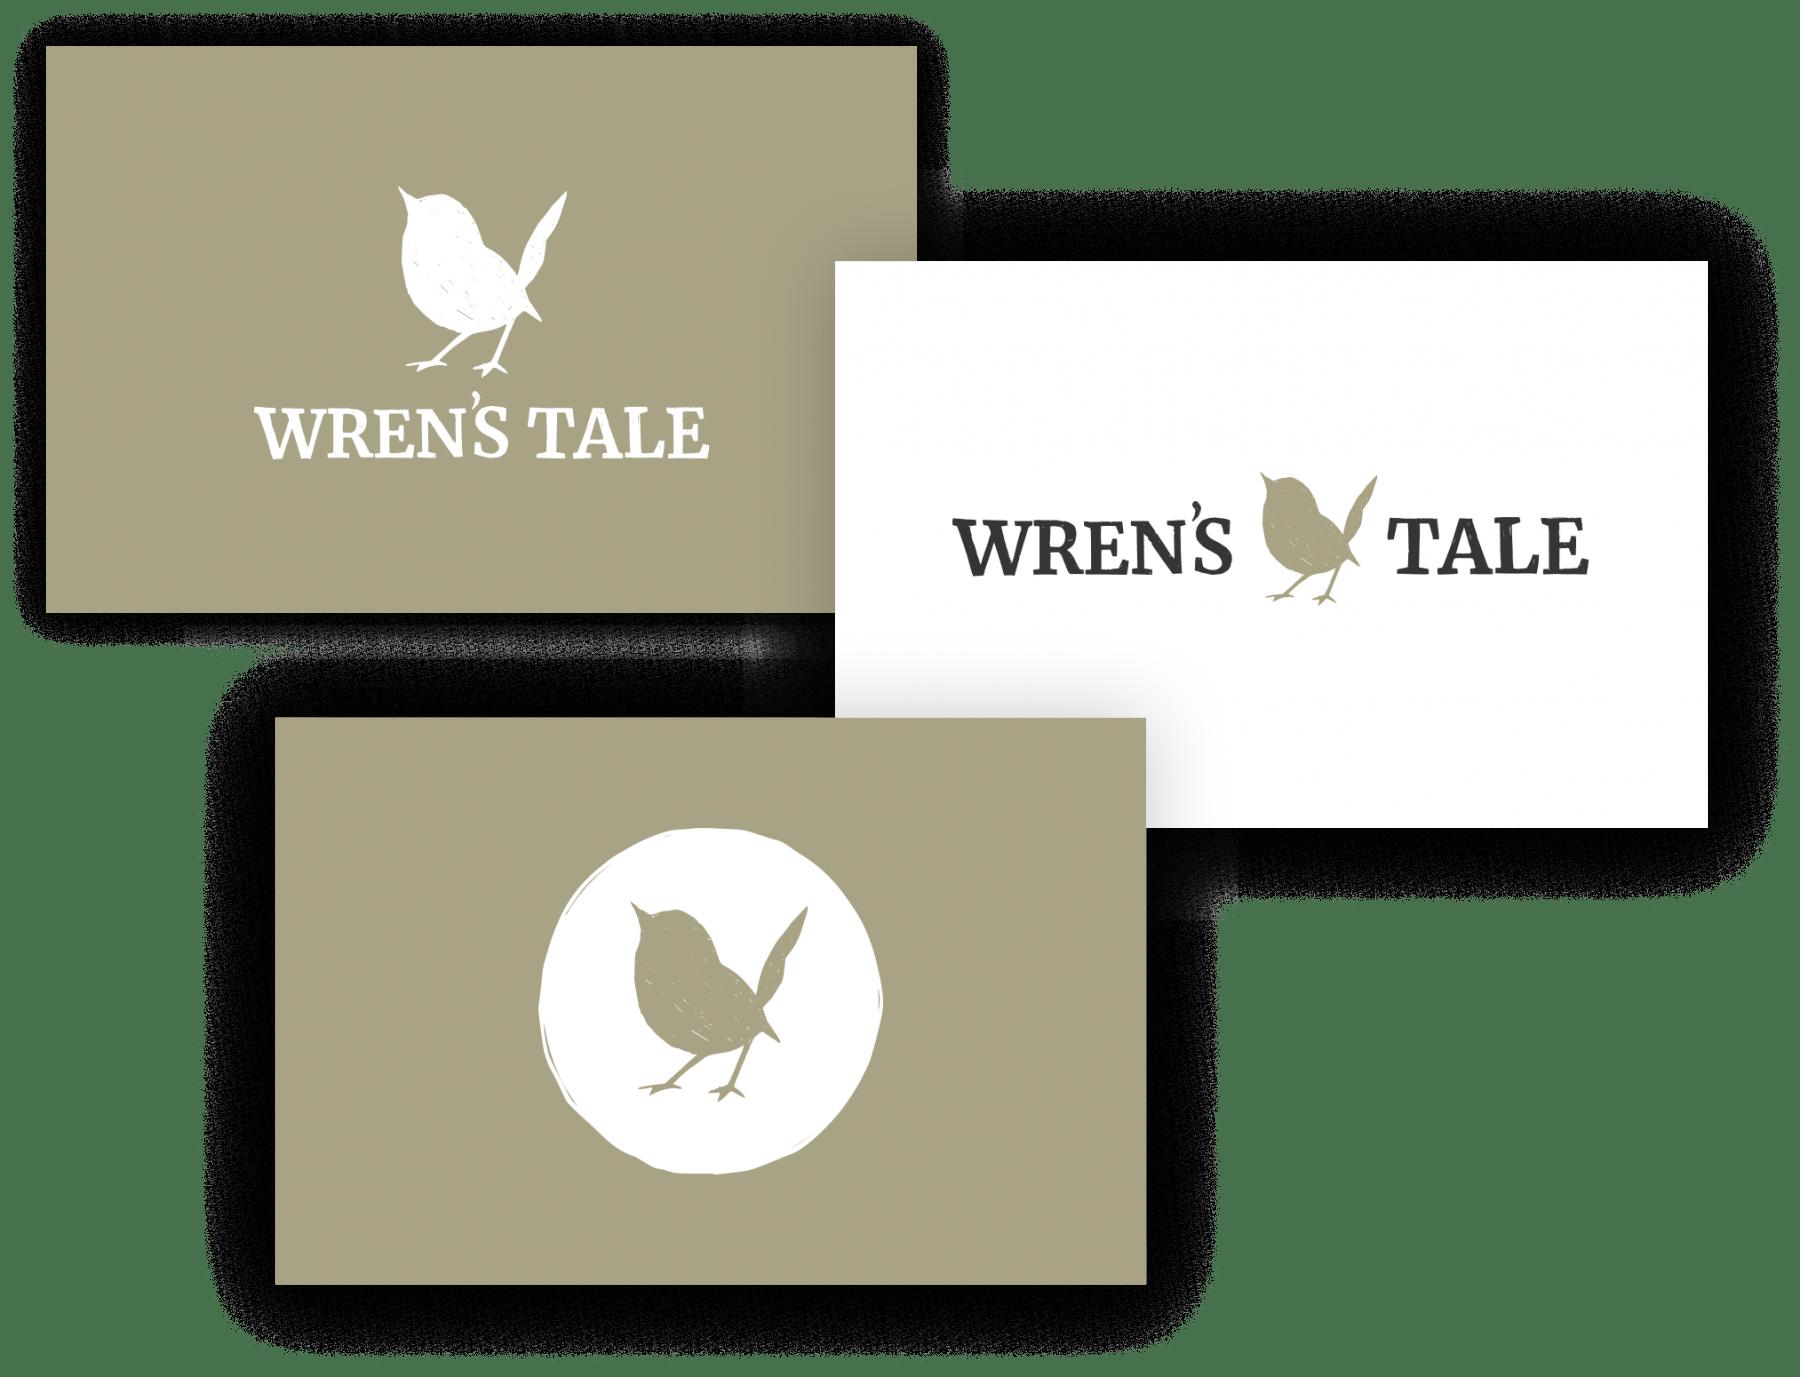 Wren's Tale Logos